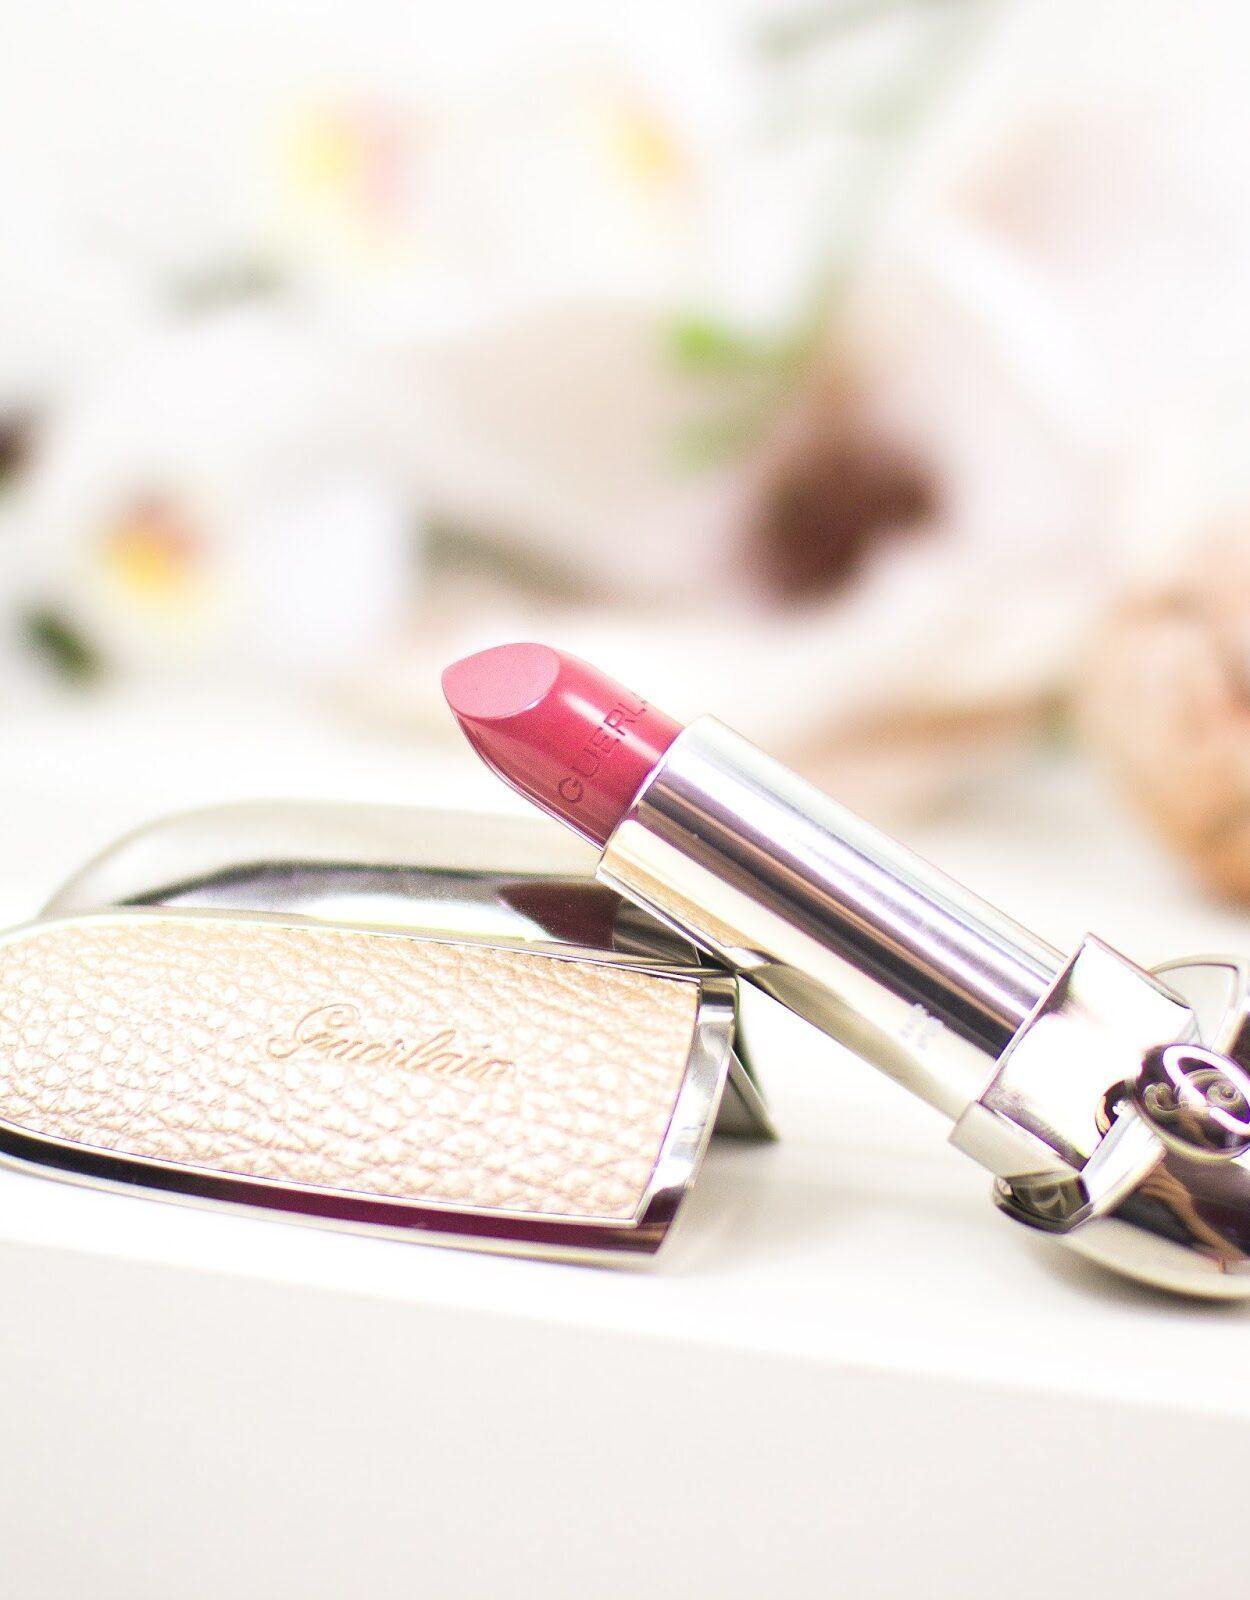 Guerlain Rouge G Lipstick number 6 v